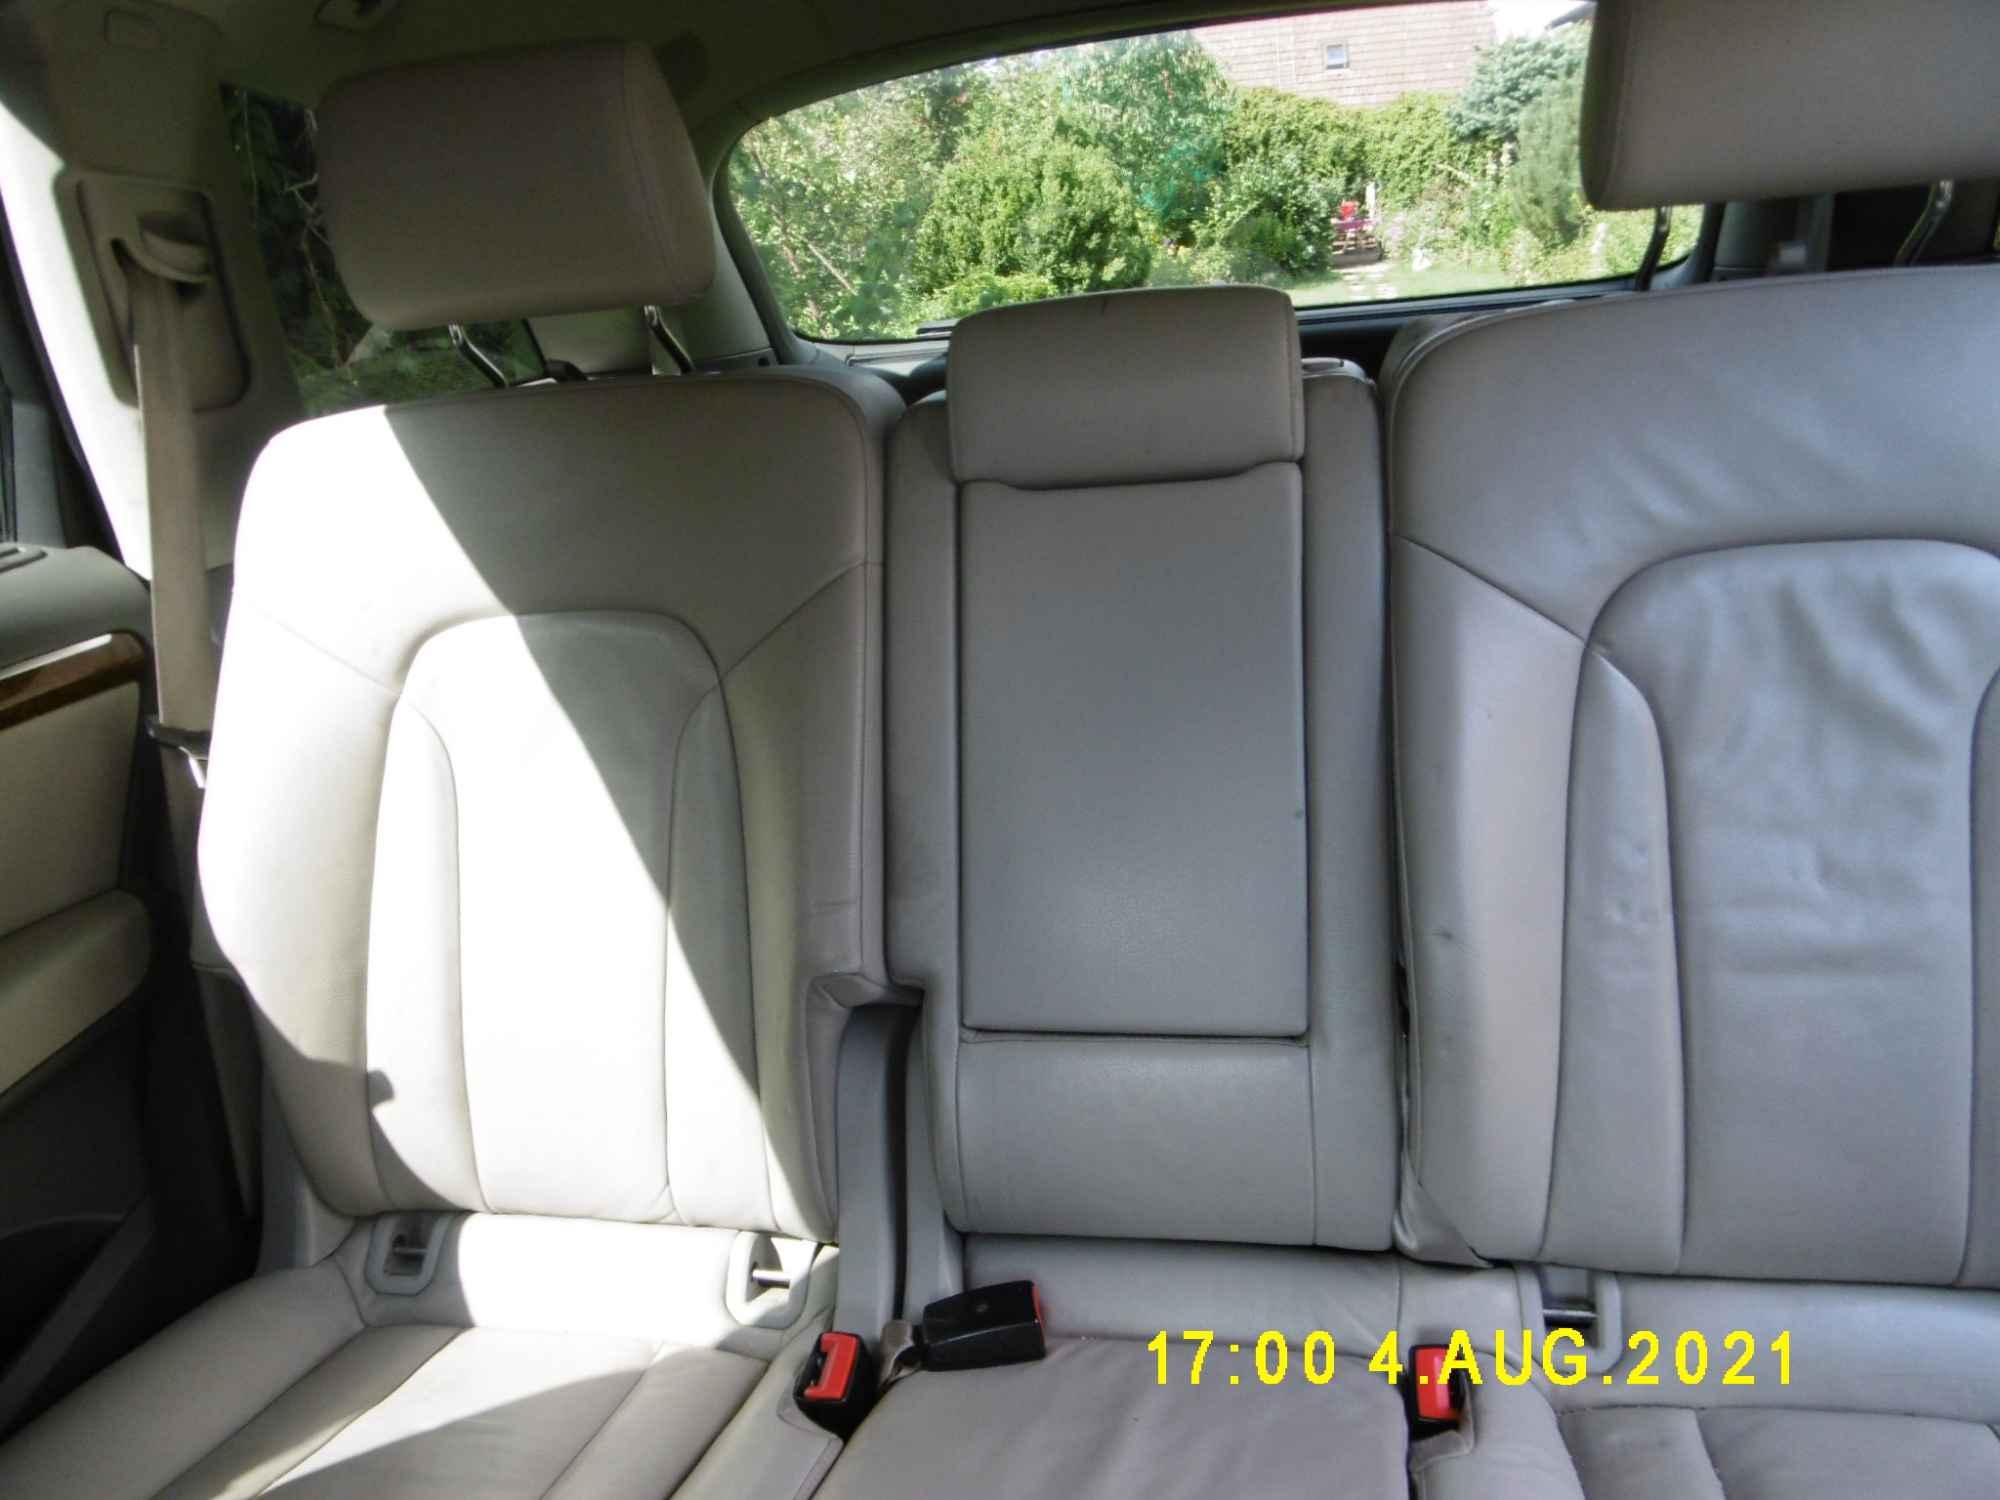 Sprzedam samochód osobowy  AUDI Q7 05-09 typ Q7 4,2 FSI QUATTRO Słupsk - zdjęcie 4